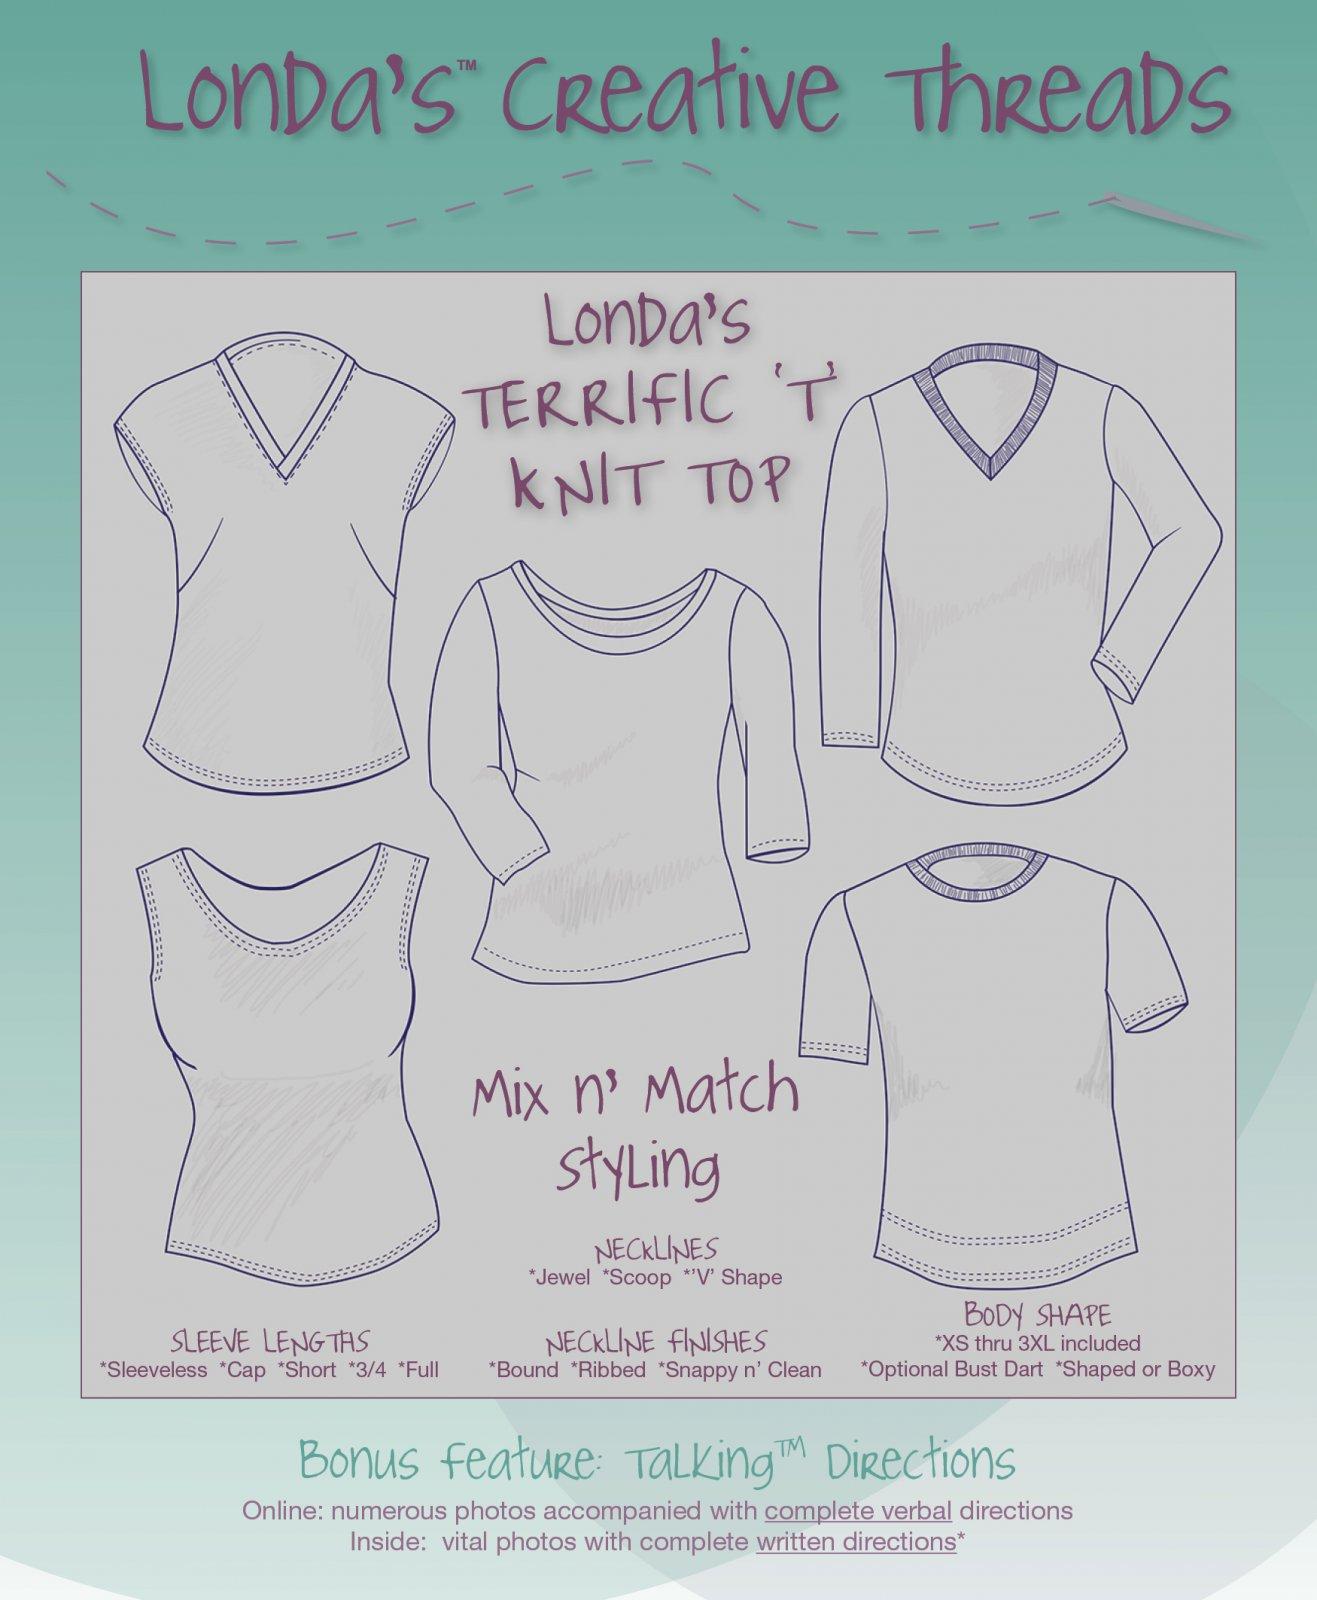 Londa's Terrific 'T' Knit Top Talking Pattern Booklet - Printed